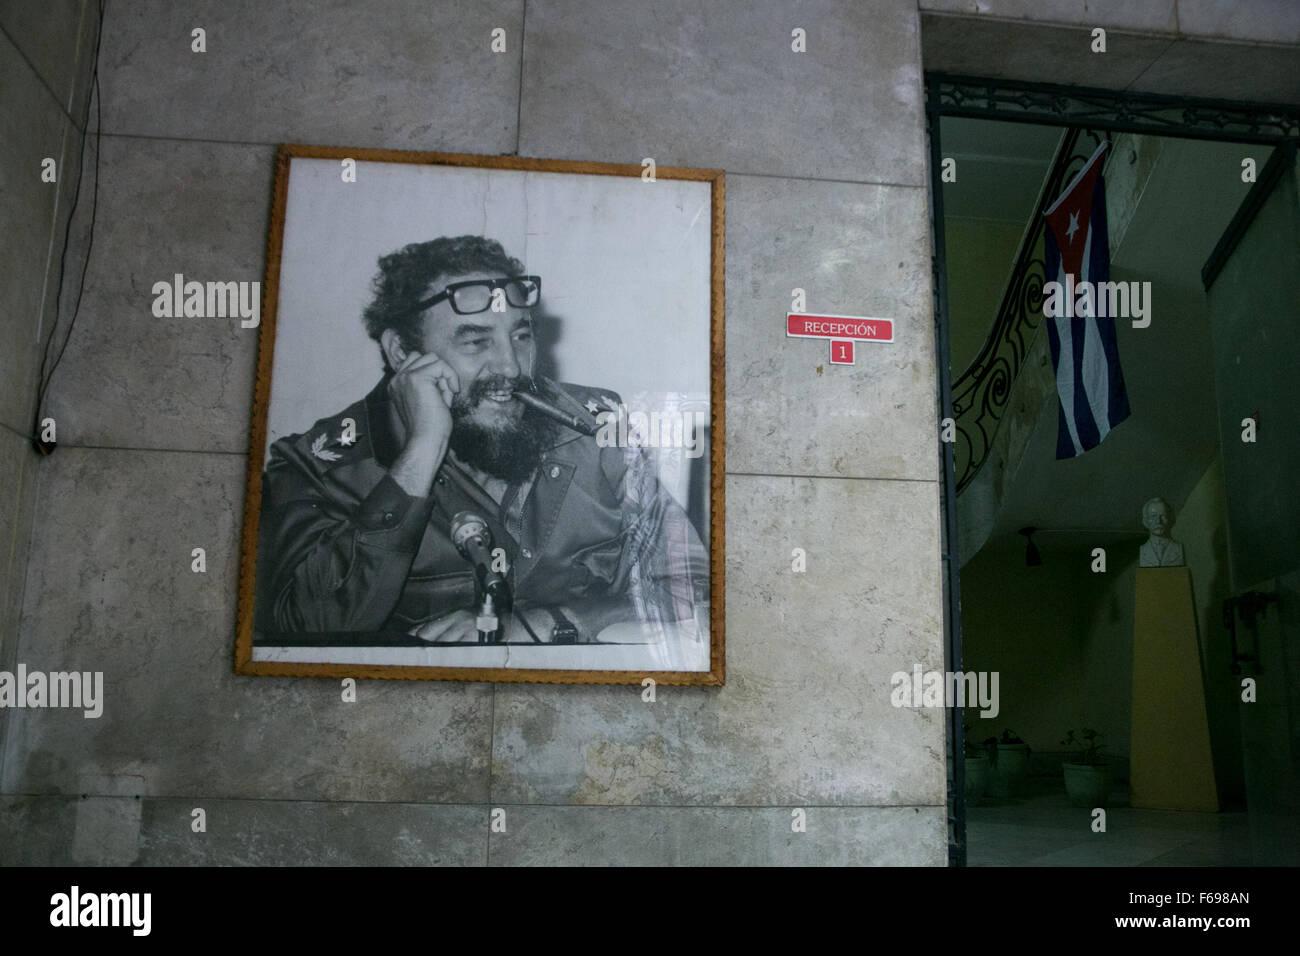 Ein Porträt von Fidel Castro in einem Bürogebäude in der Altstadt von Havanna, Kuba. Stockbild